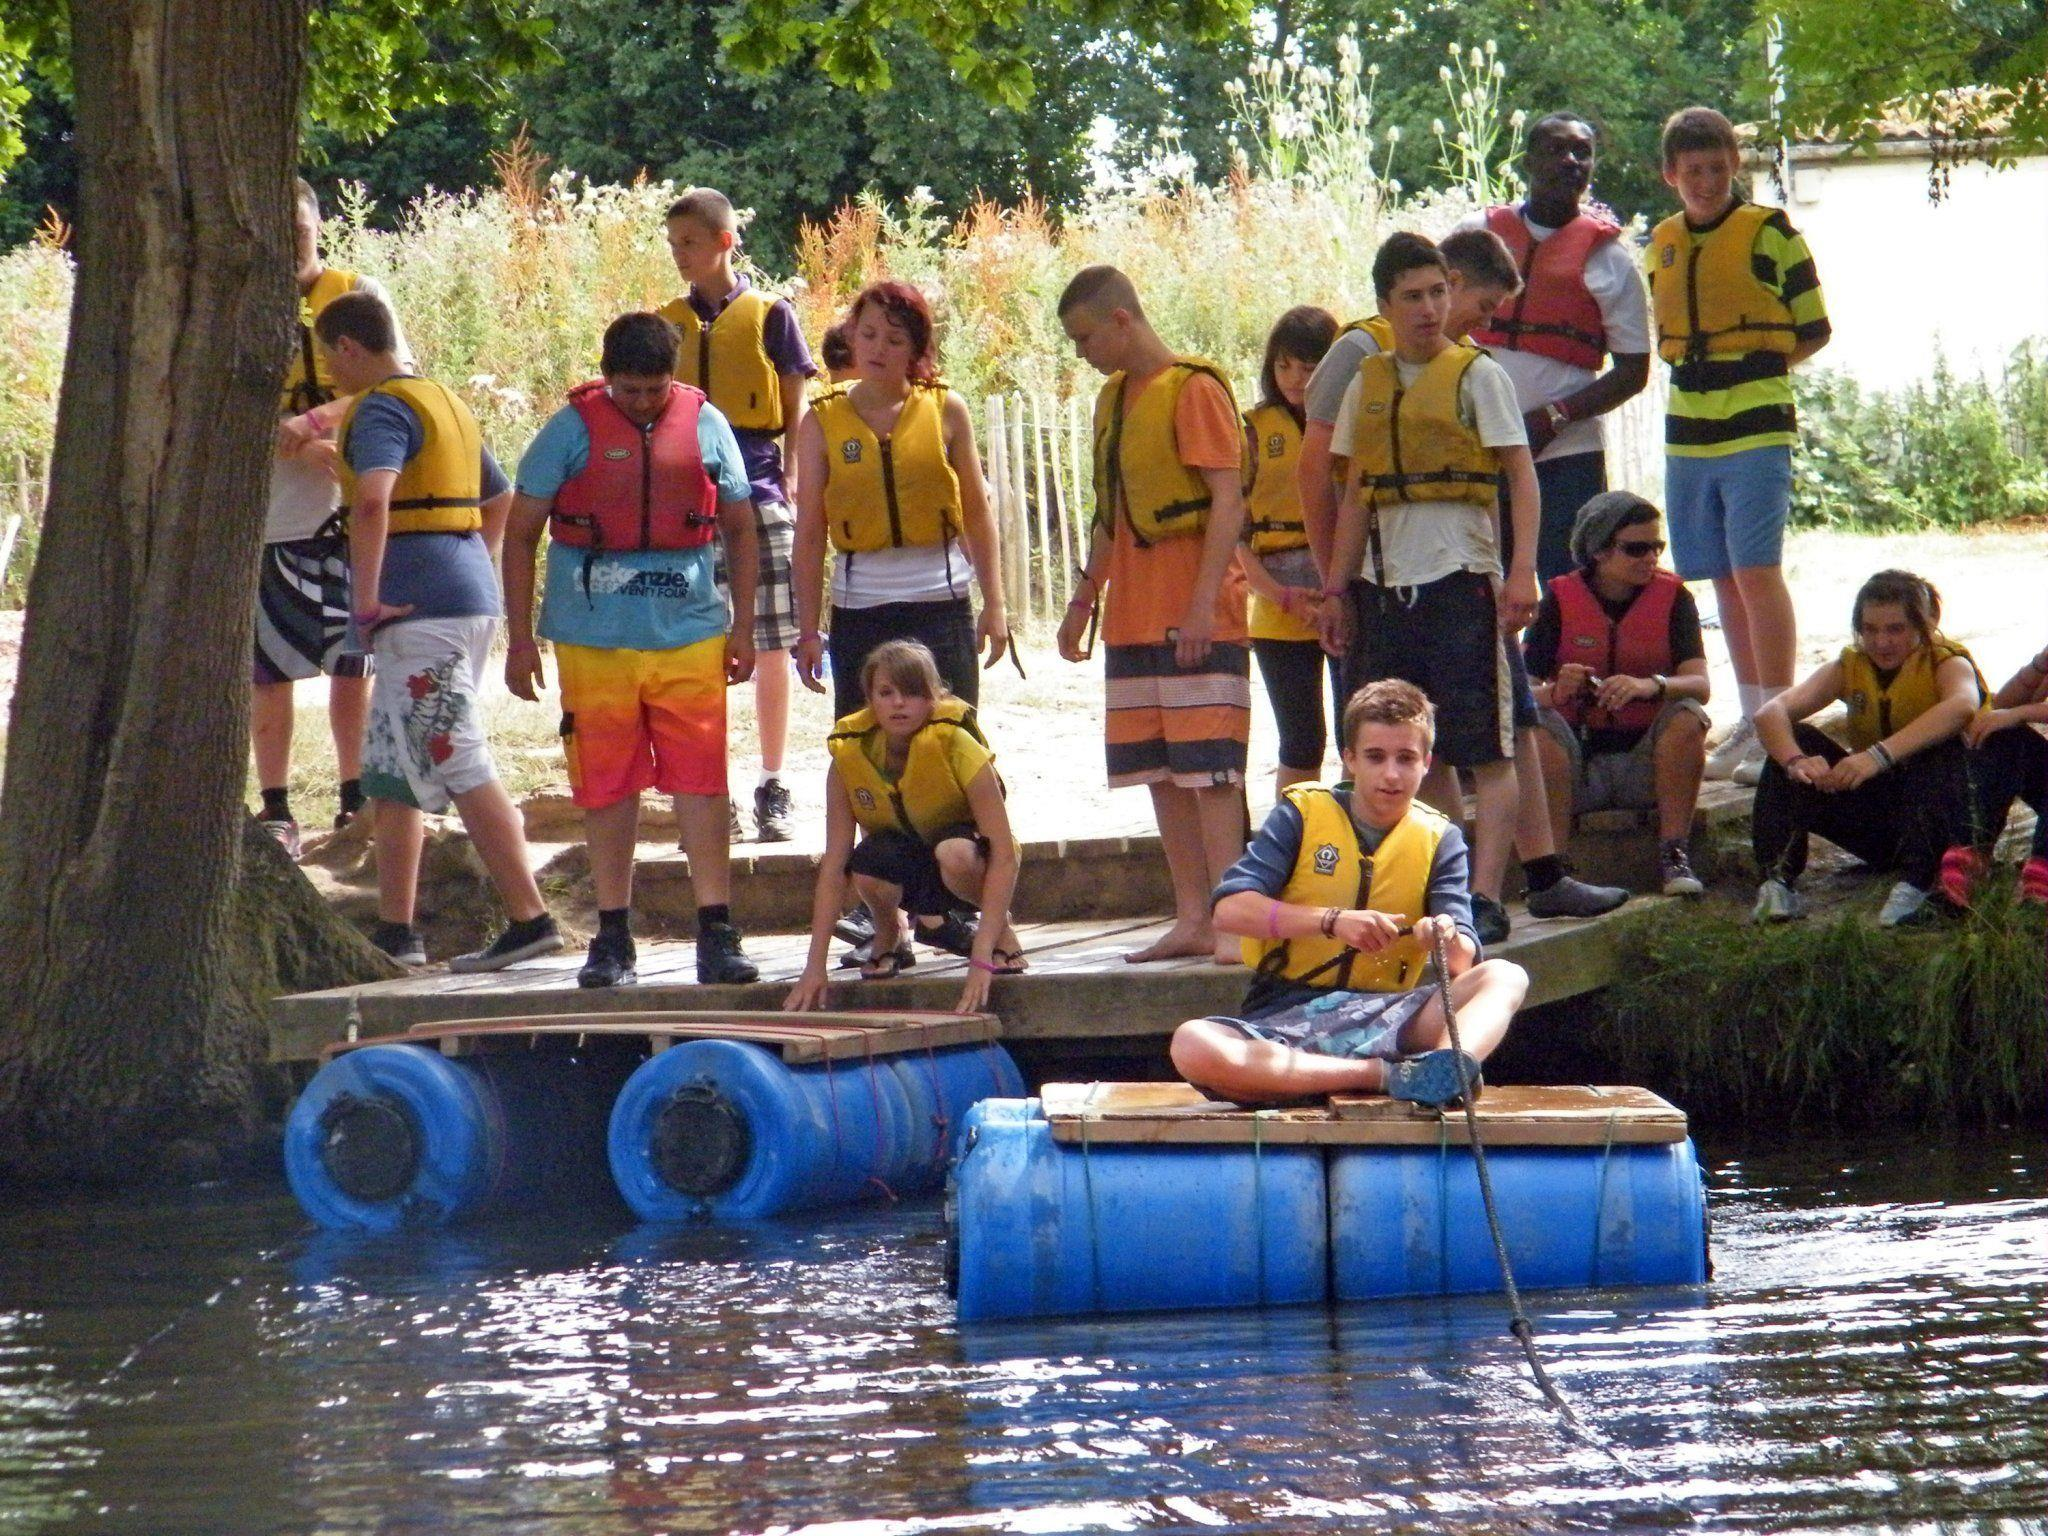 Jetzt schnell anmelden zu den Ländle-goes-Europe-Camps im Sommer!